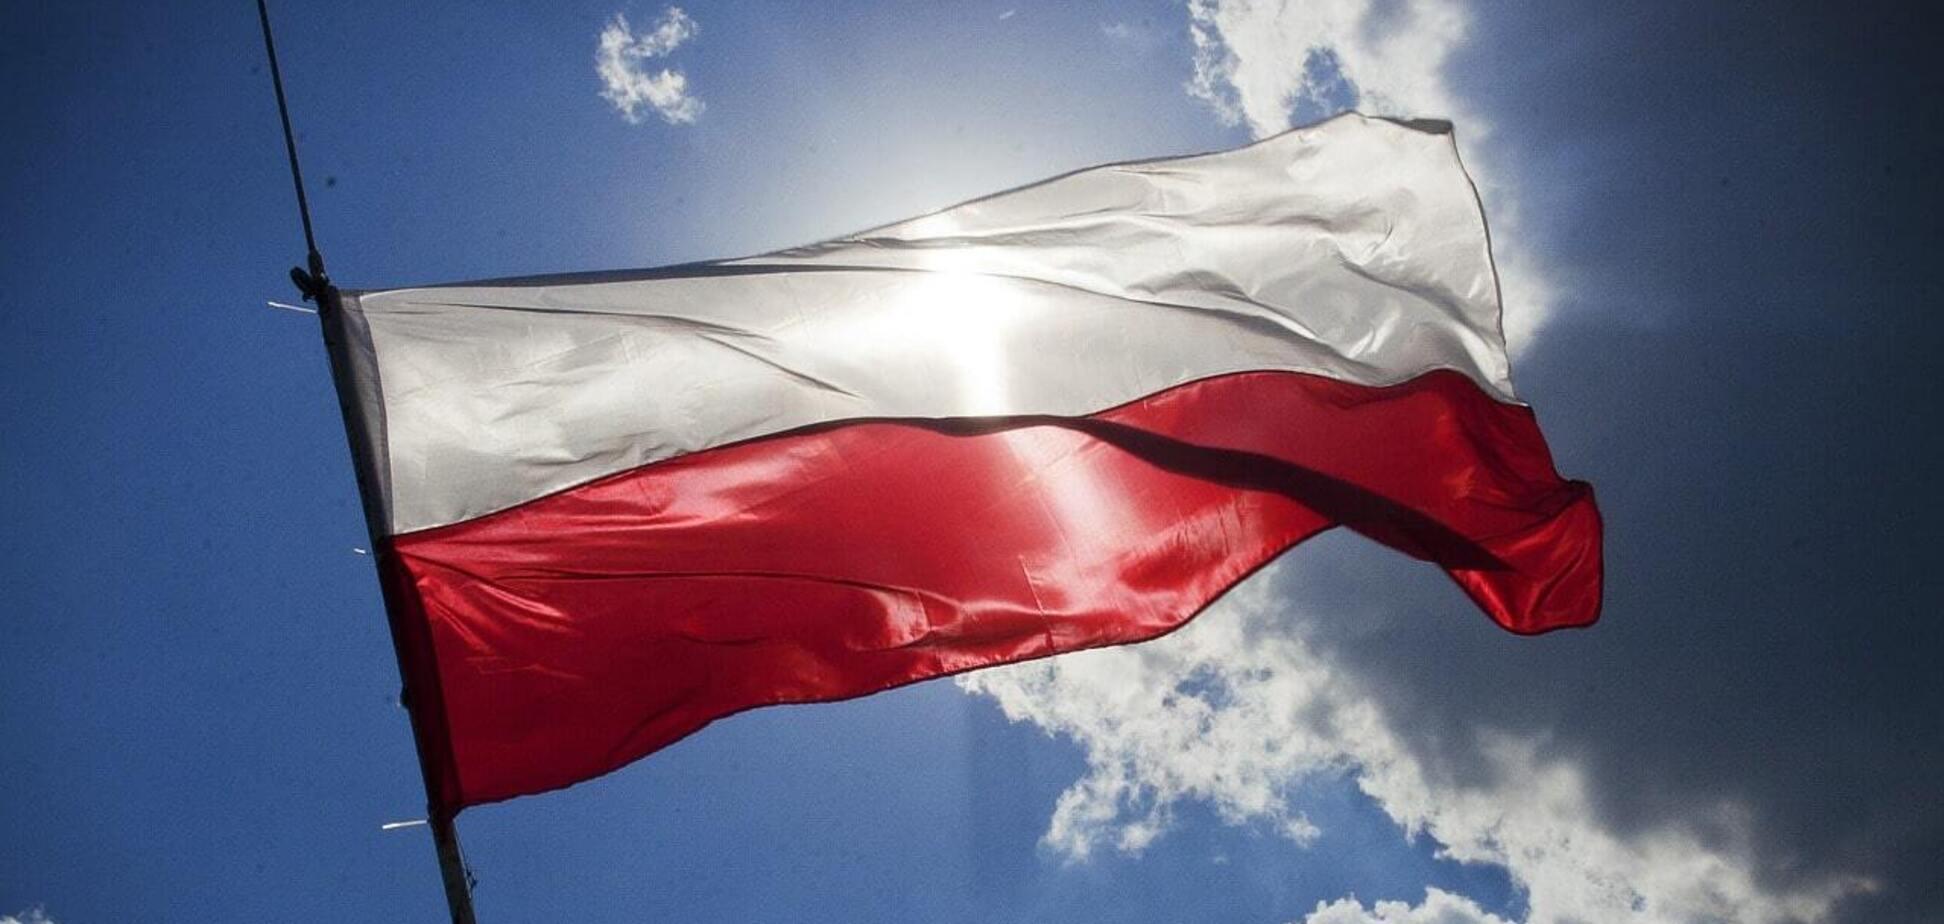 Українські заробітчани все більше цікавляться купівлею нерухомості у Польщі